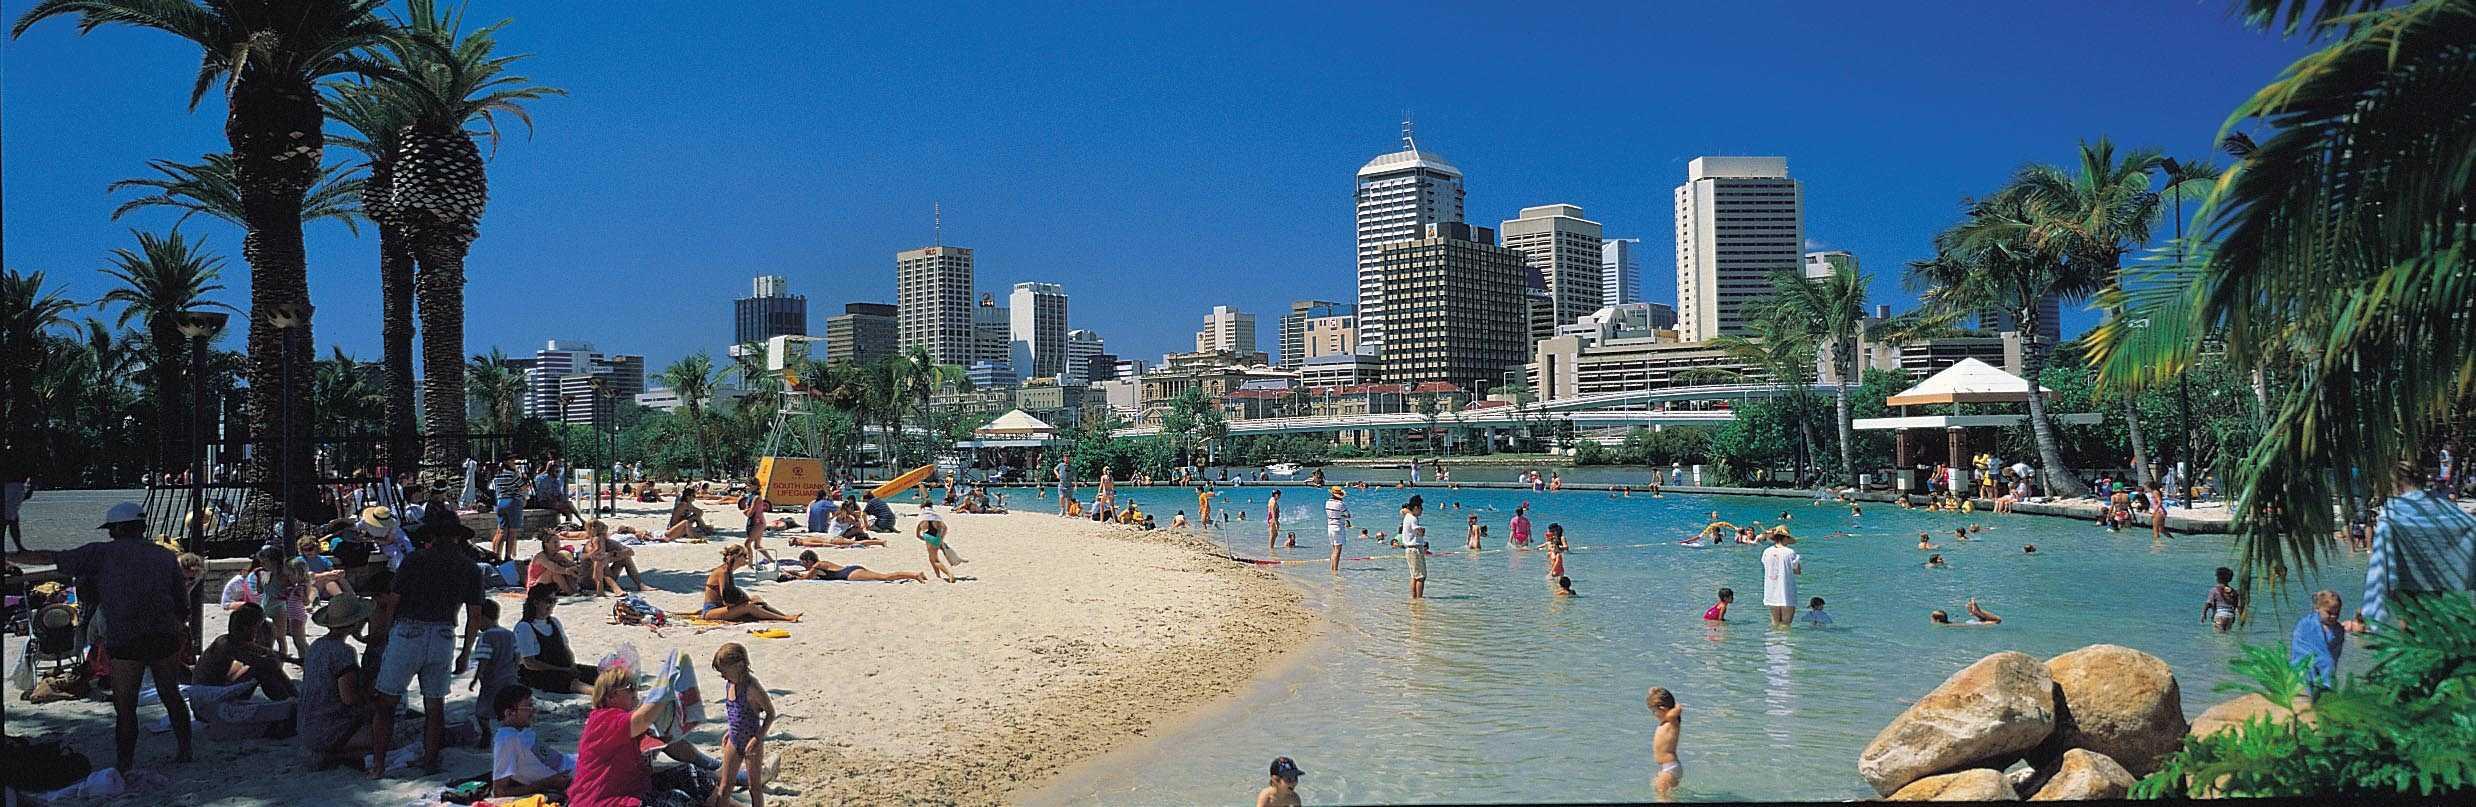 Usc acceptance date in Brisbane